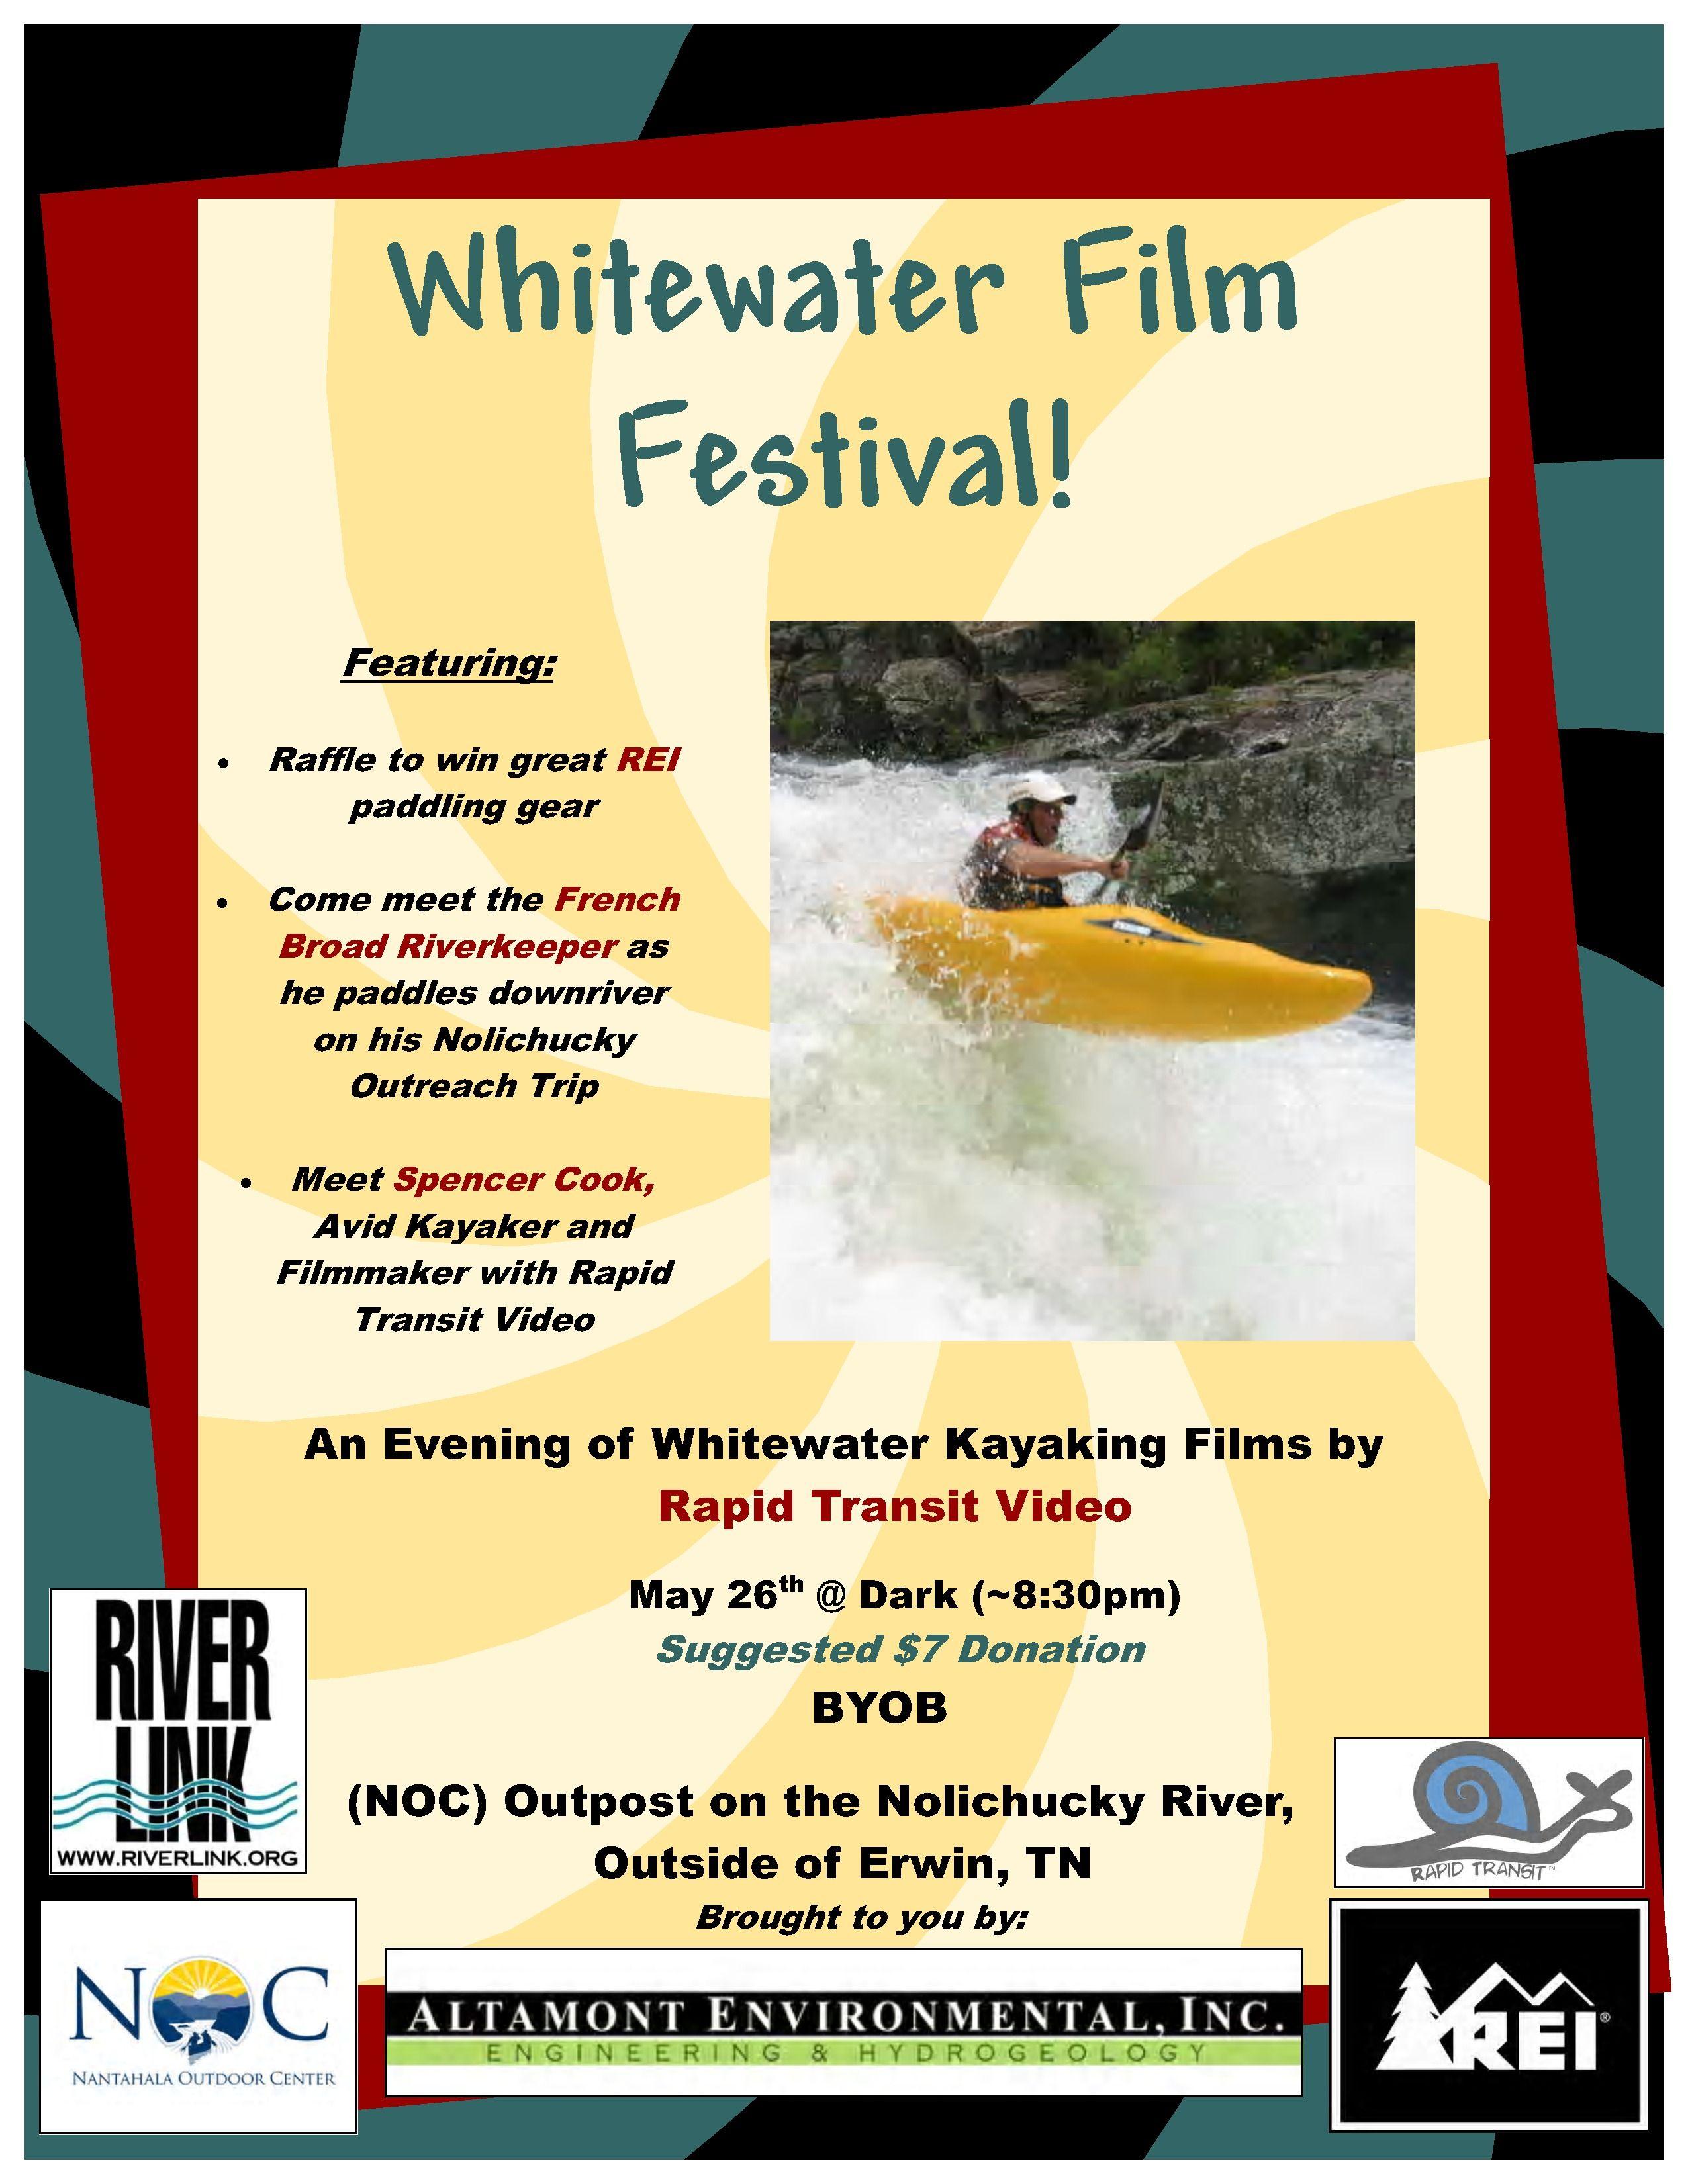 riverlink_filmfest_flyer.jpg